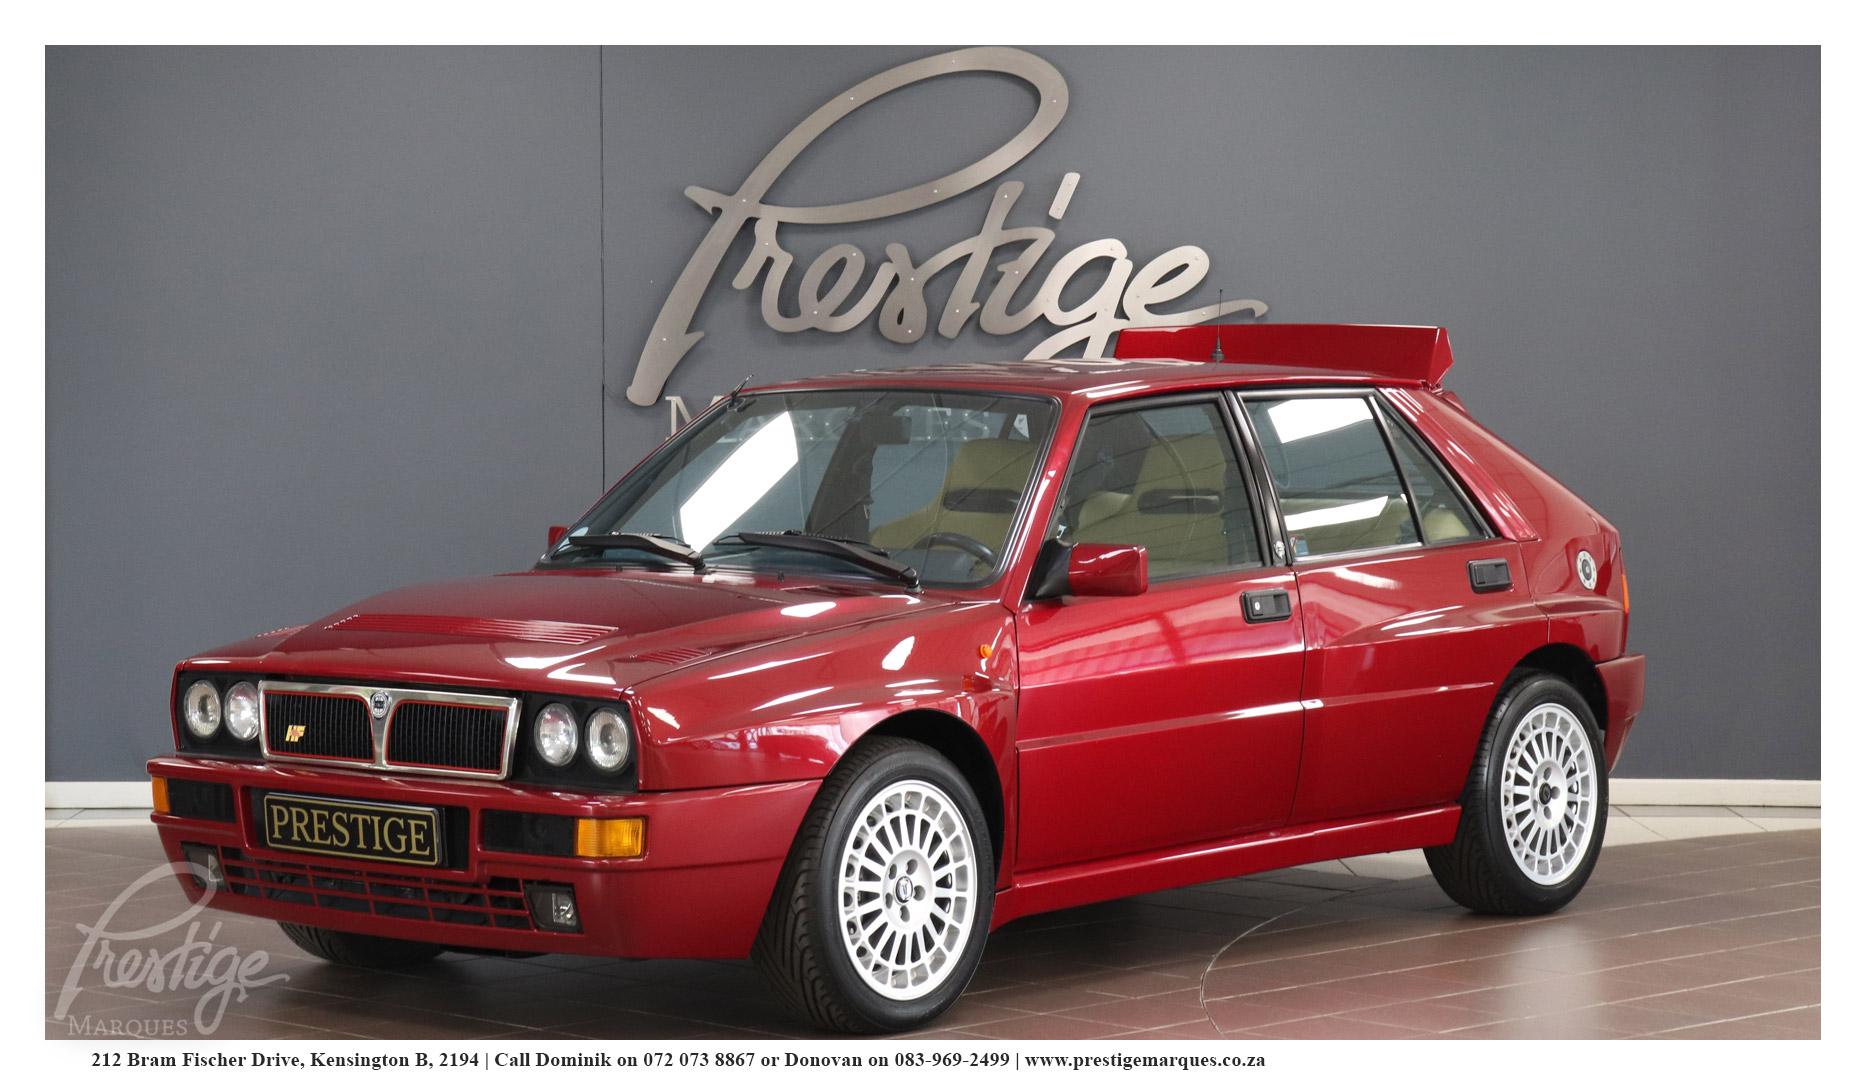 1995-Lancia-Delta-Integrale-Evo-2-Dealer-Collection-Prestige-Marques-Sandton-7